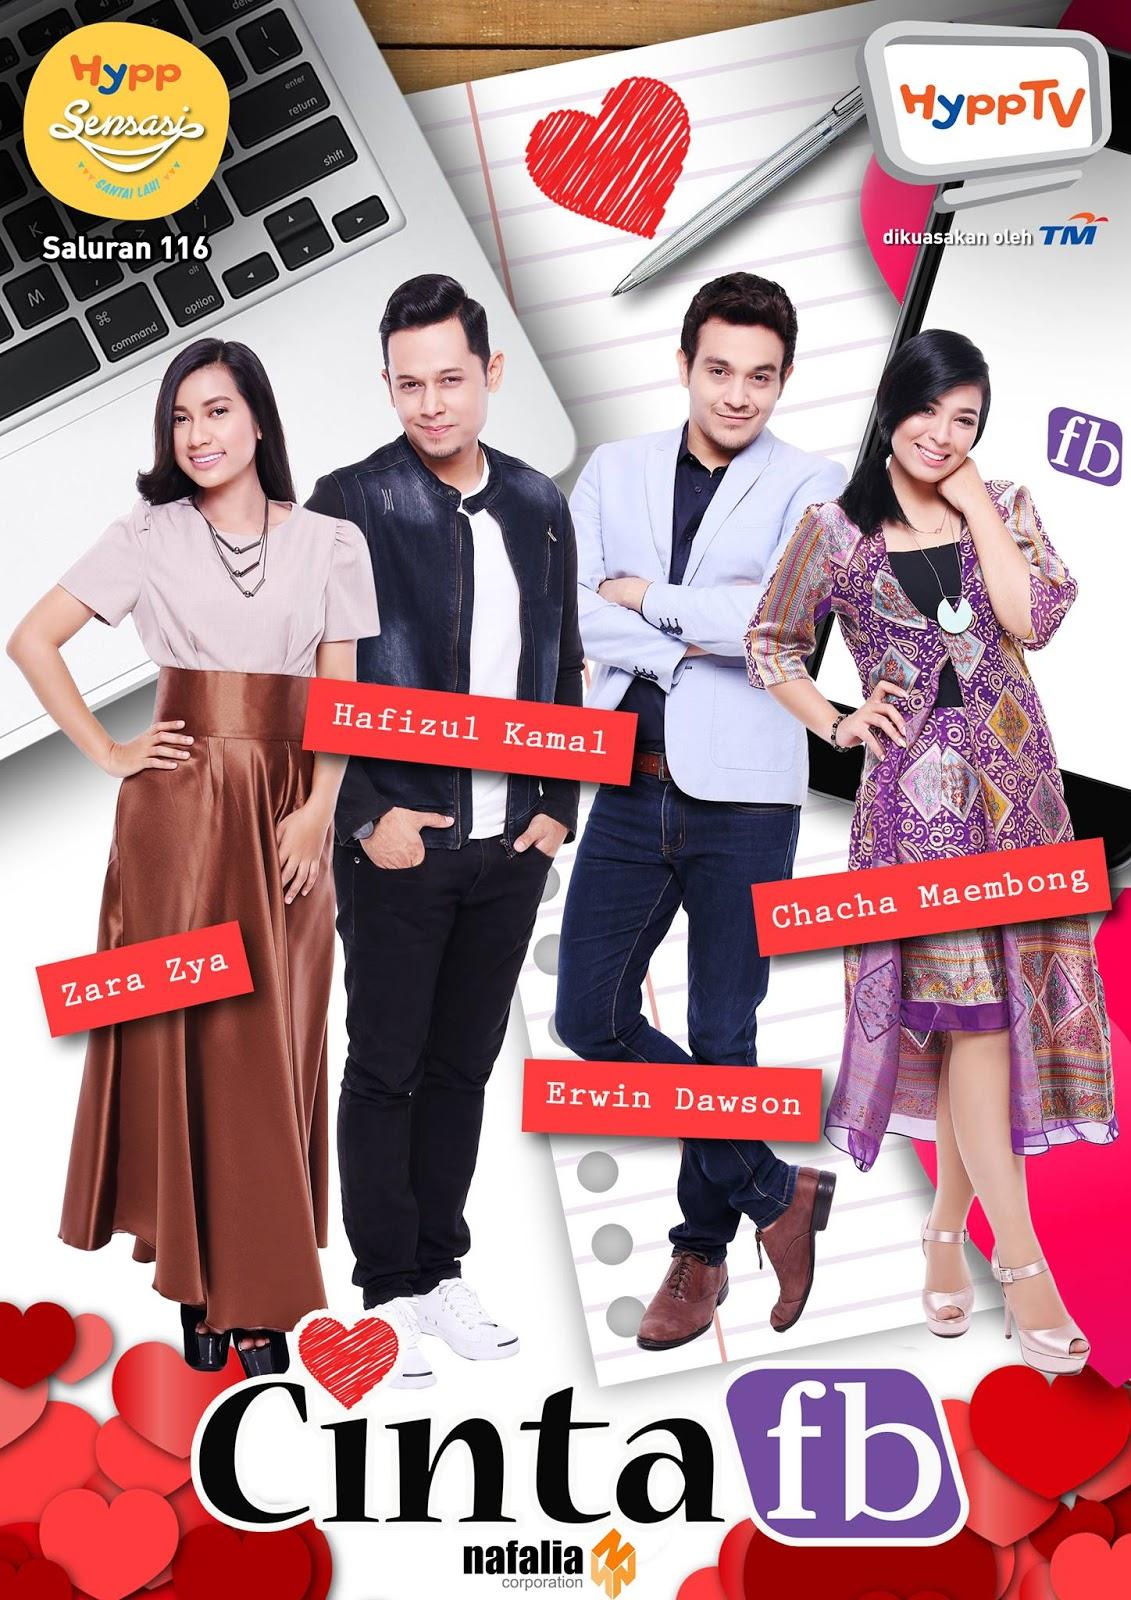 Drama Cinta FB (HyppTV)